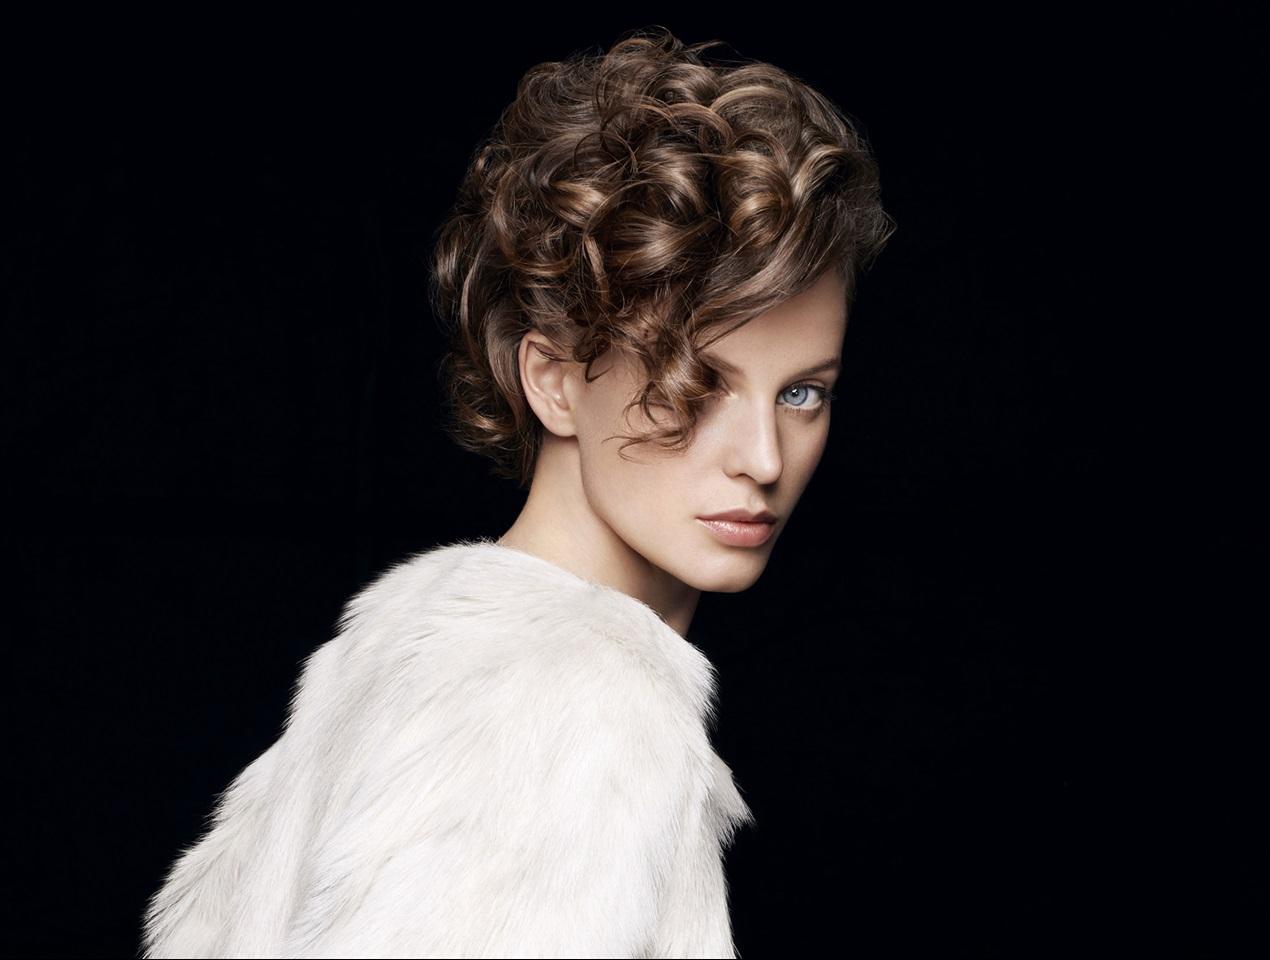 Foto taglio capelli ricci 2019